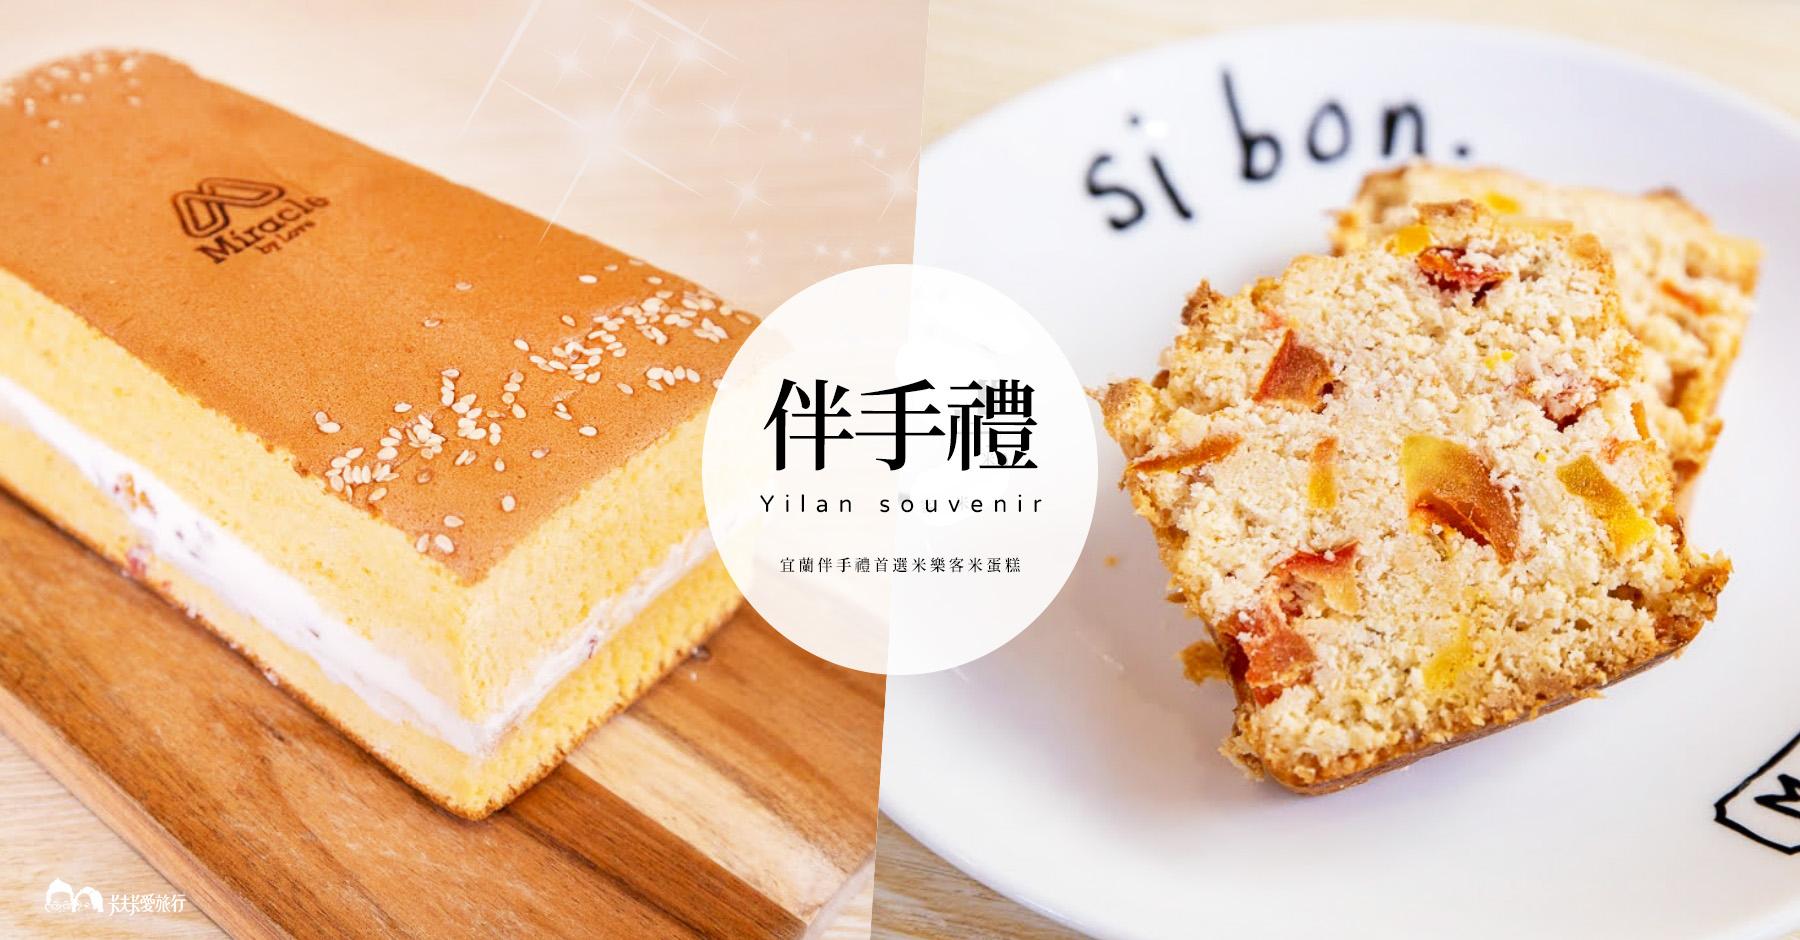 宜蘭伴手禮推薦|米樂客鹹蛋糕|超人氣美味米蛋糕三星蔥蛋捲在地特色彌月蛋糕